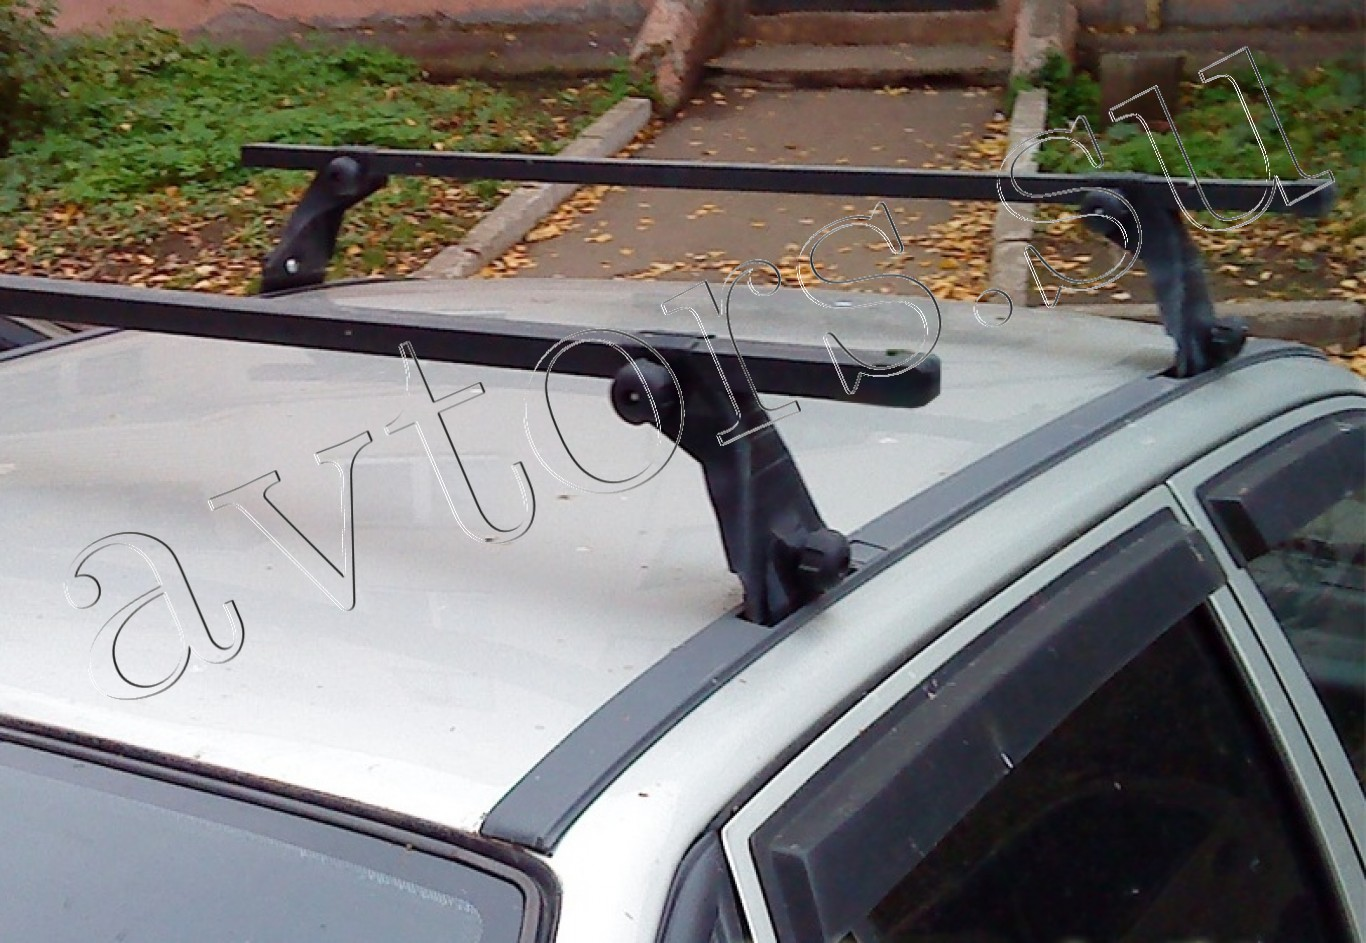 Багажник для дэу нексия своими руками 491